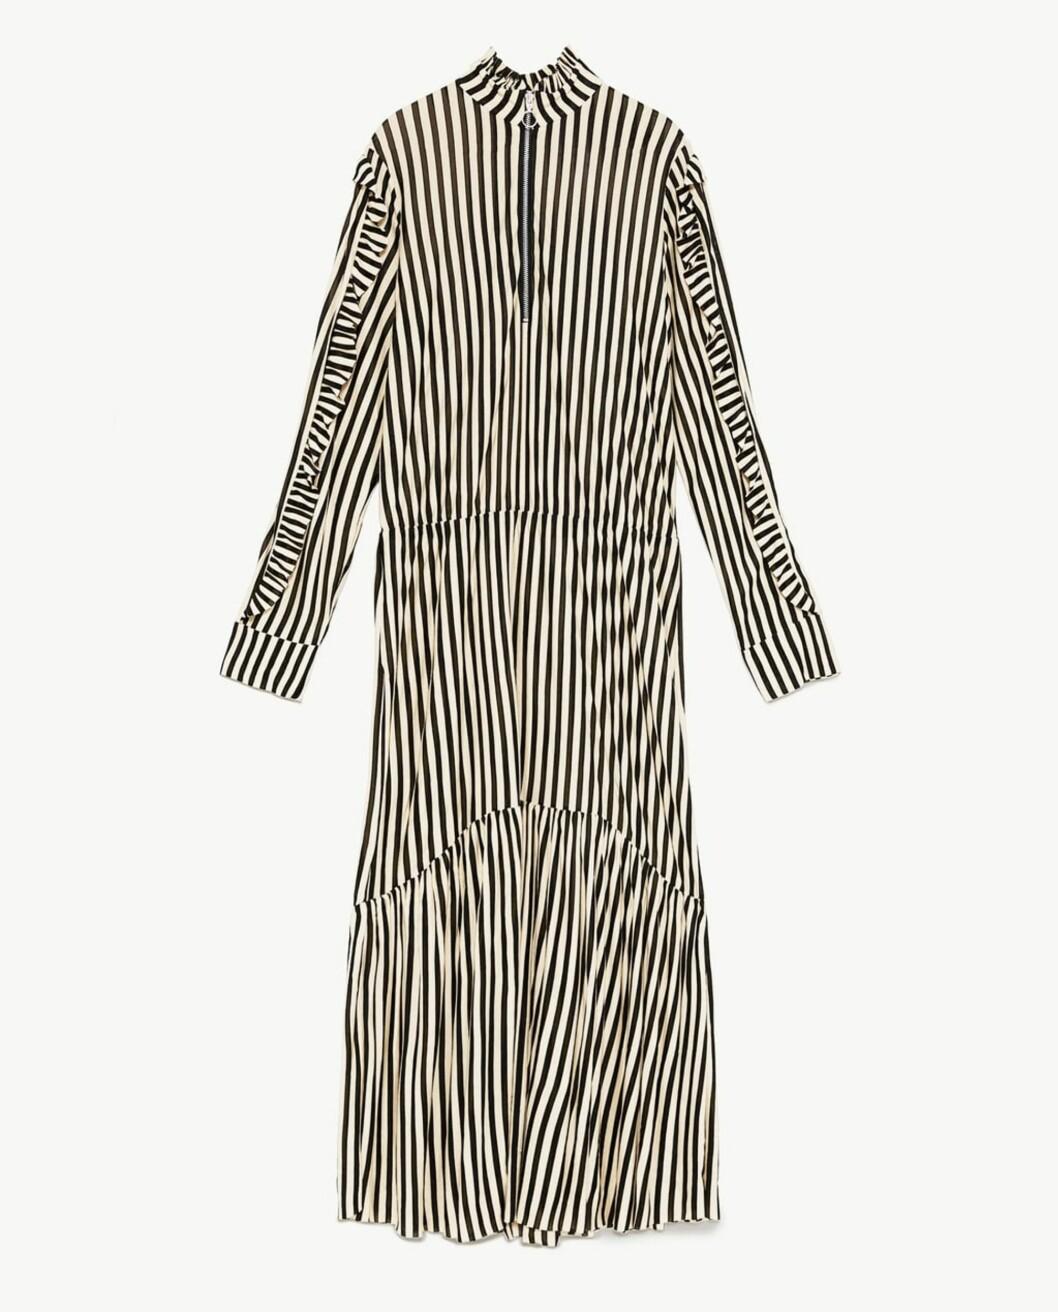 <strong>Kjole fra Zara |349,-| https:</strong>//www.zara.com/no/no/stripet-kjole-med-glidel%C3%A5s-p05644317.html?v1=5832082&v2=805004